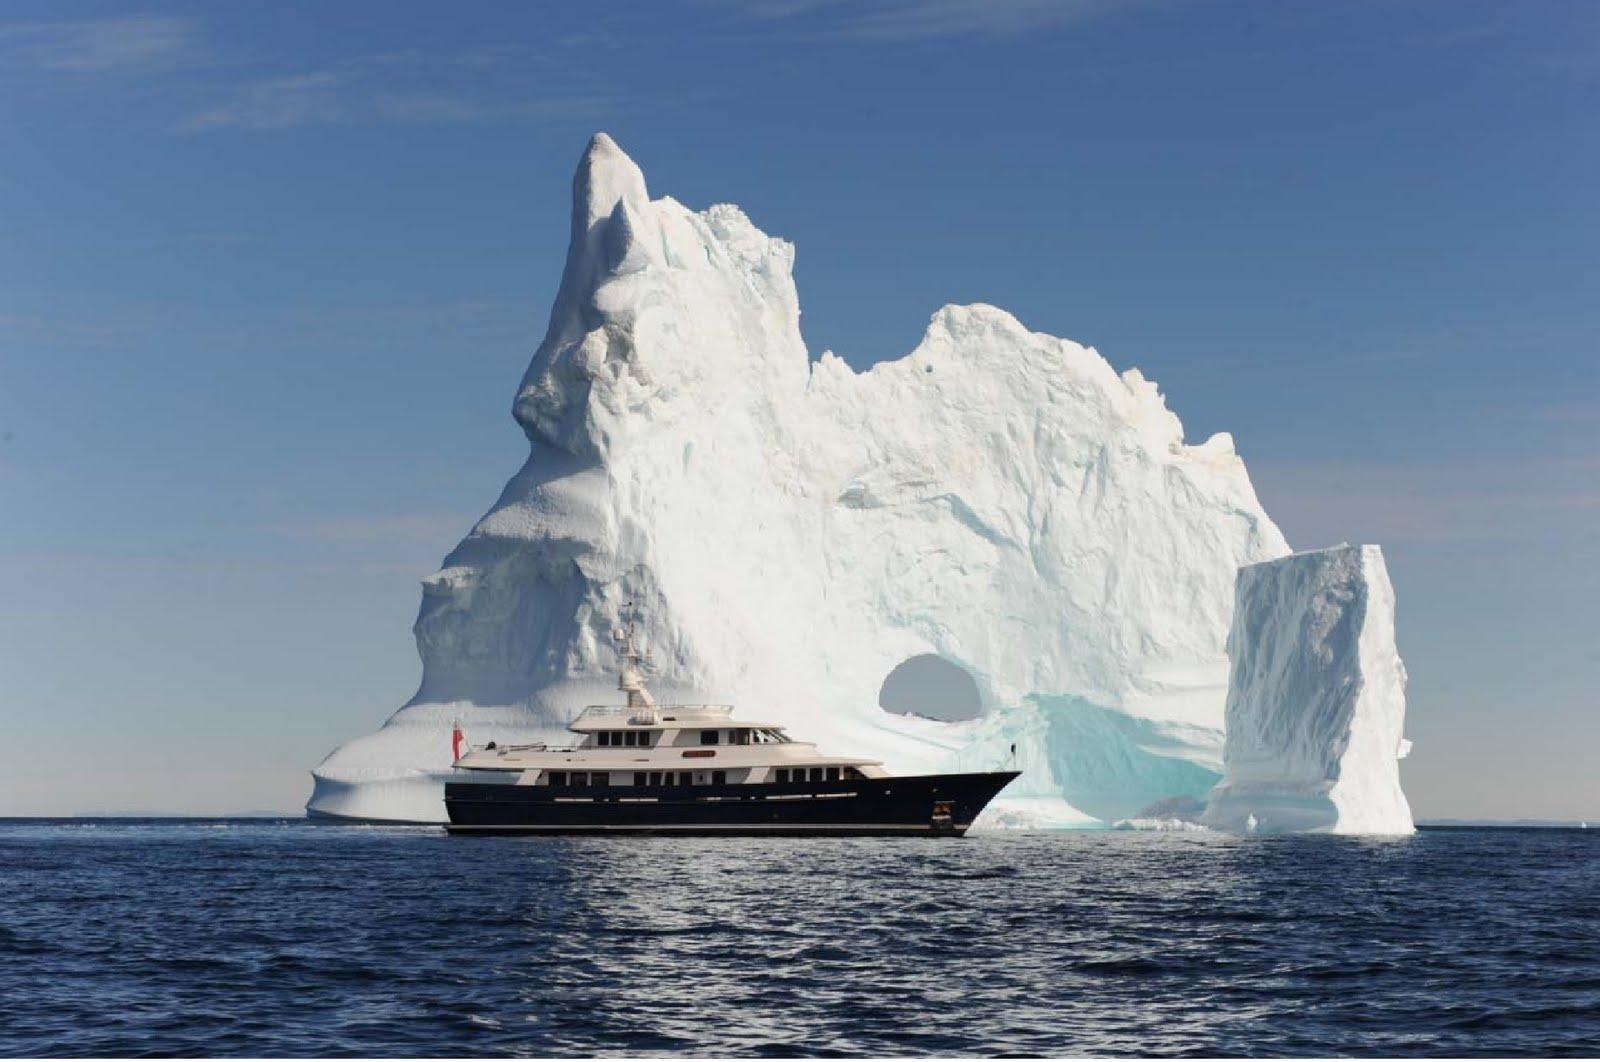 Megayacht Global Arcadia Transits The Northwest Passage